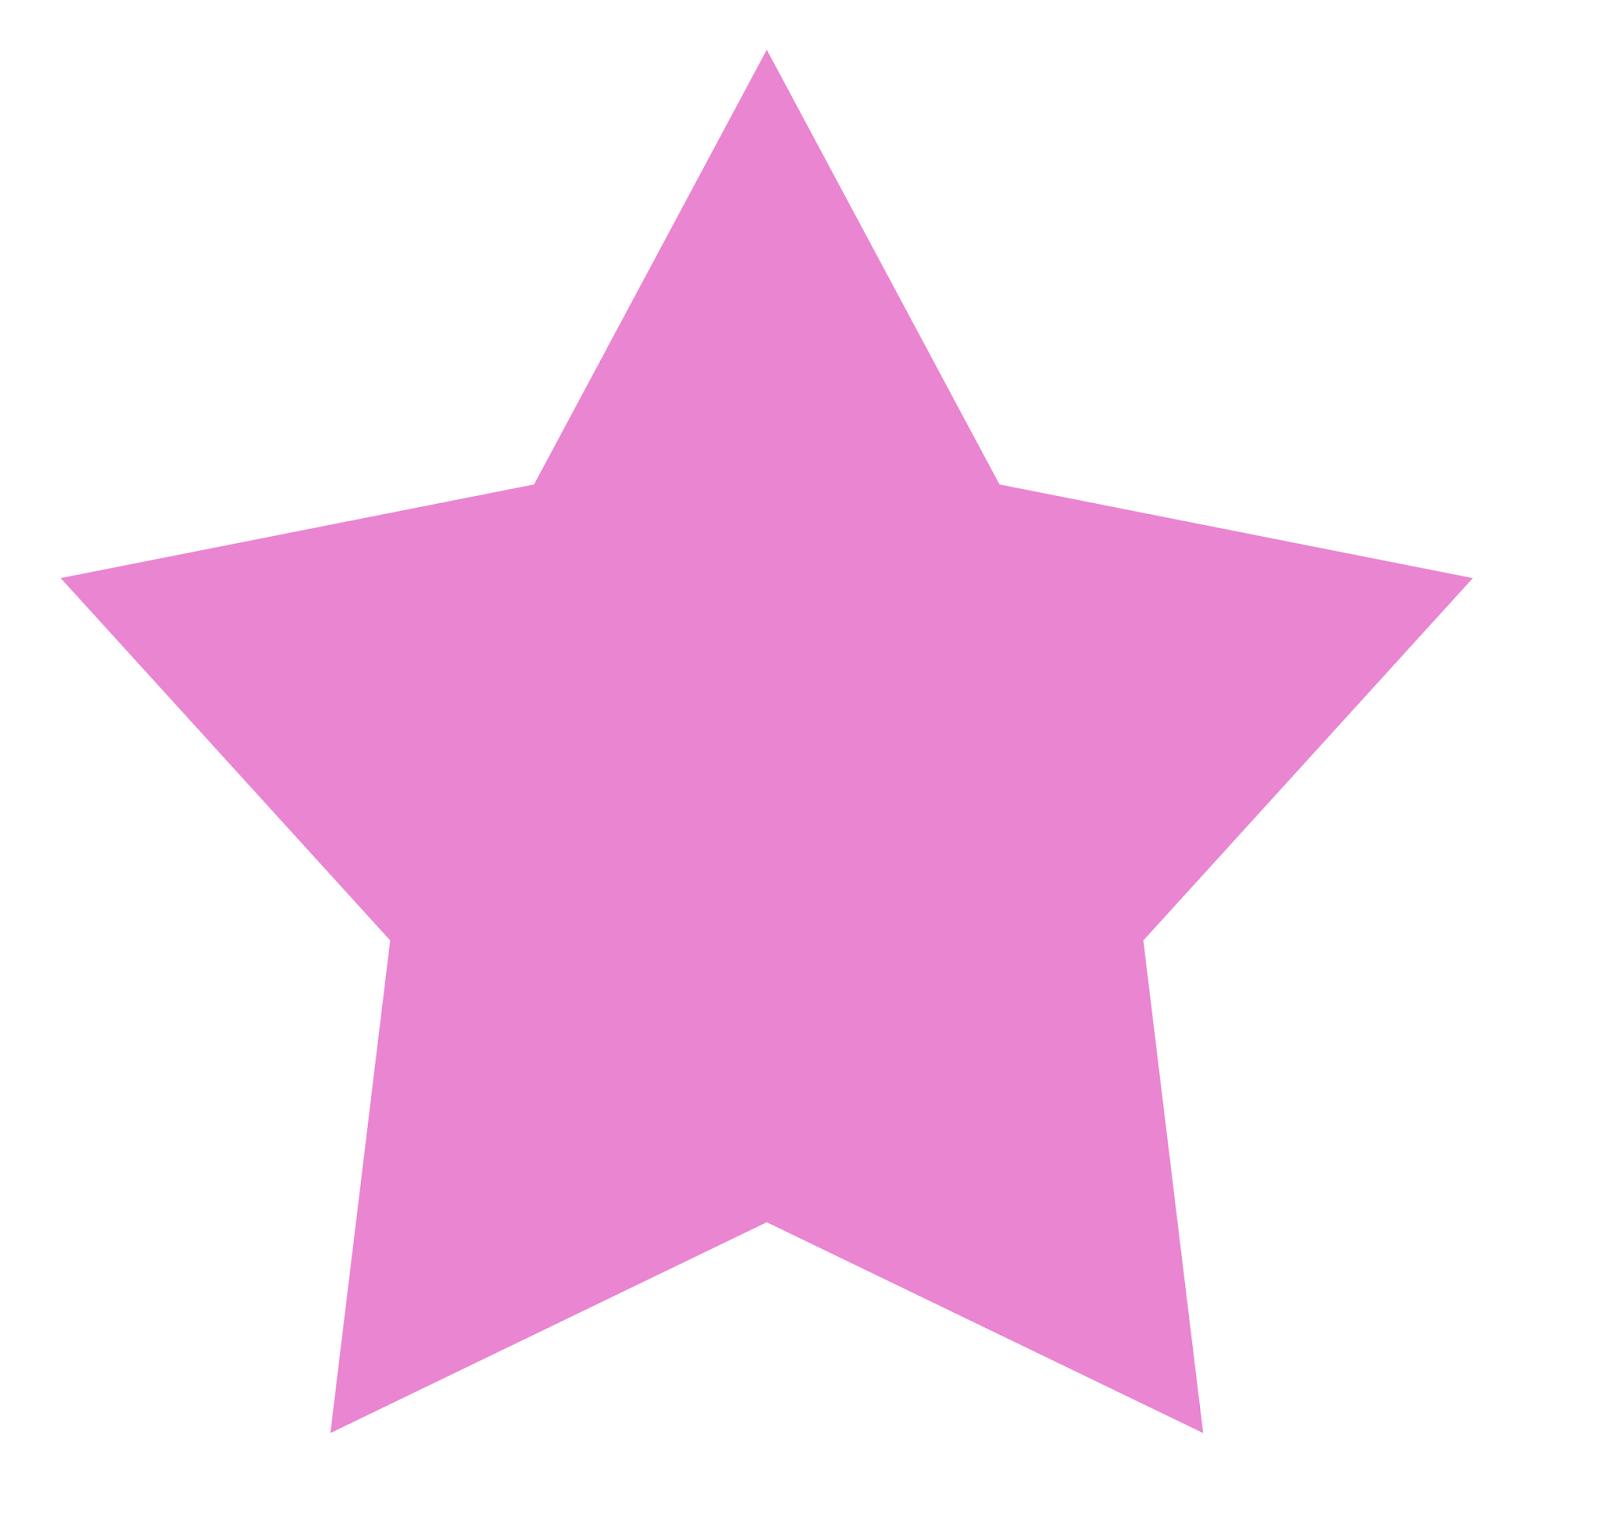 Watch likewise o Hacer Camitas Y Camas Para Perros Con Palets Recicladas in addition Molde De Estrellas Para Decorar Cumpeleanos 1219010 besides 7C 7Cstore babydeli   7Cimages 7Cproductos 7C 480 7C287 furthermore Mandalas. on moldes de estrellas